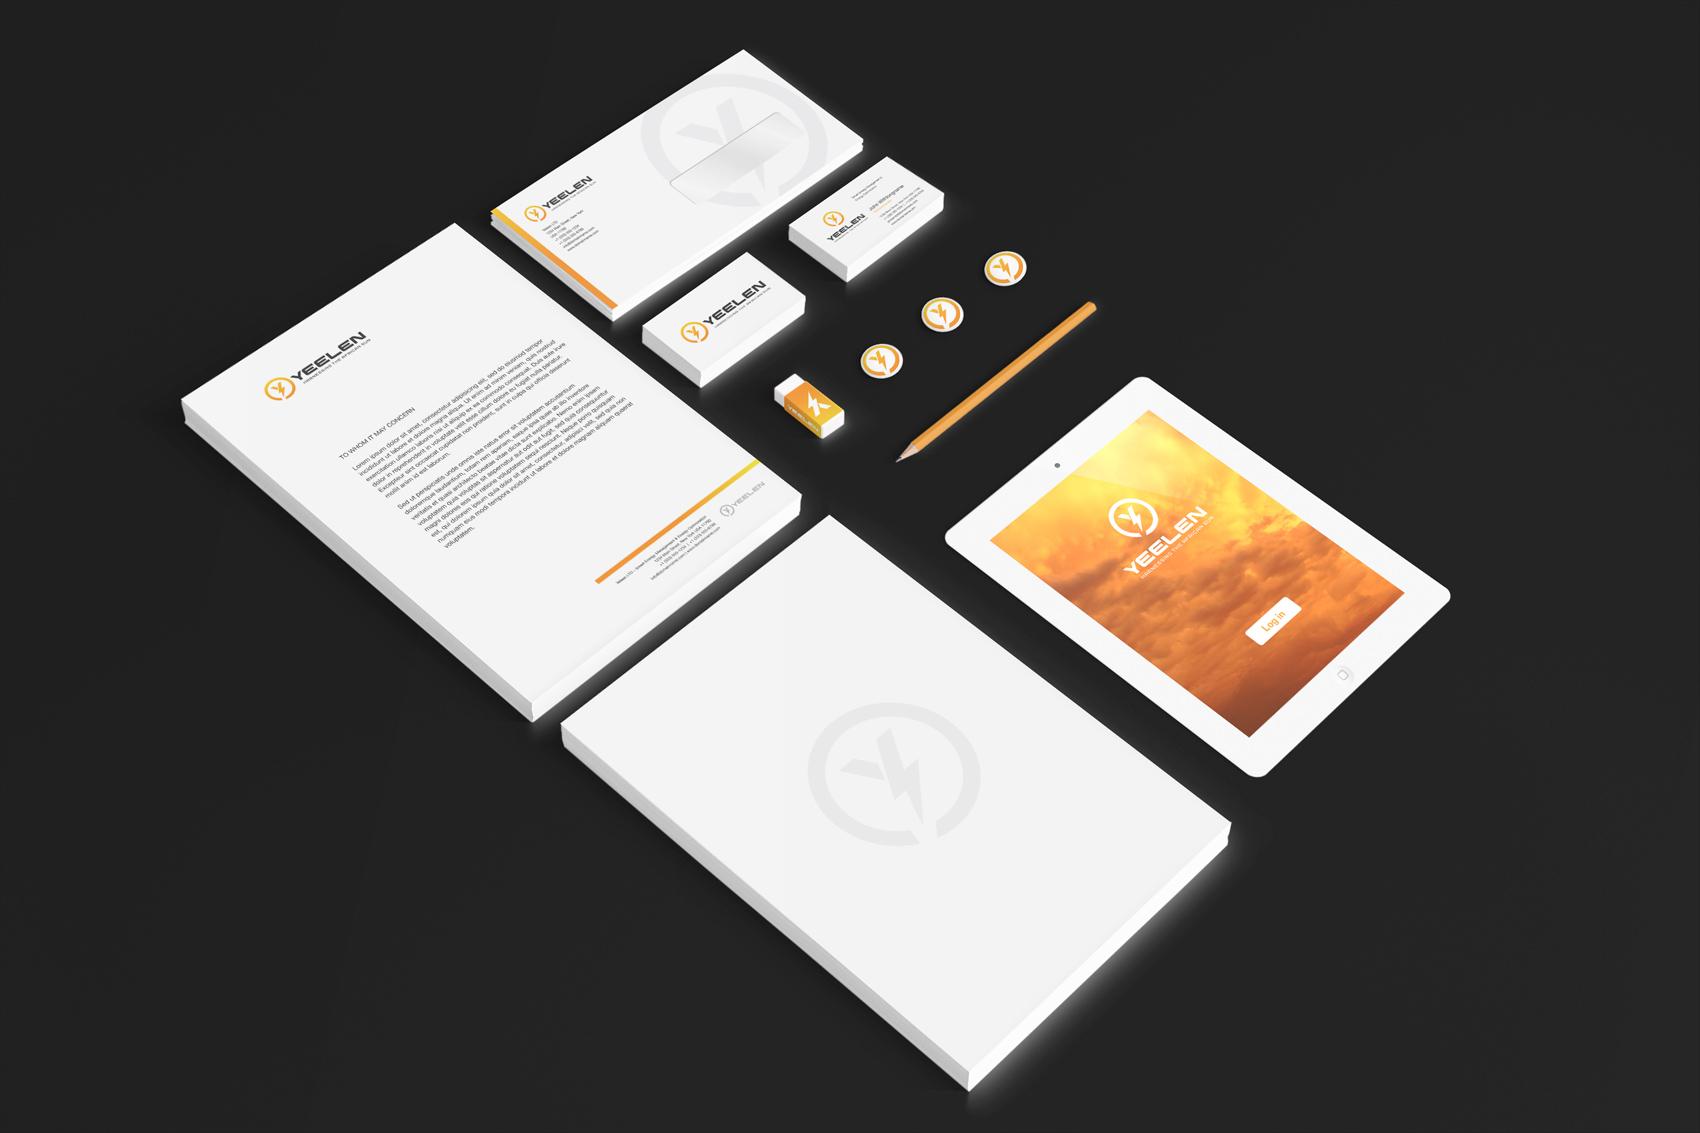 eximdesign_yeelen_3.jpg